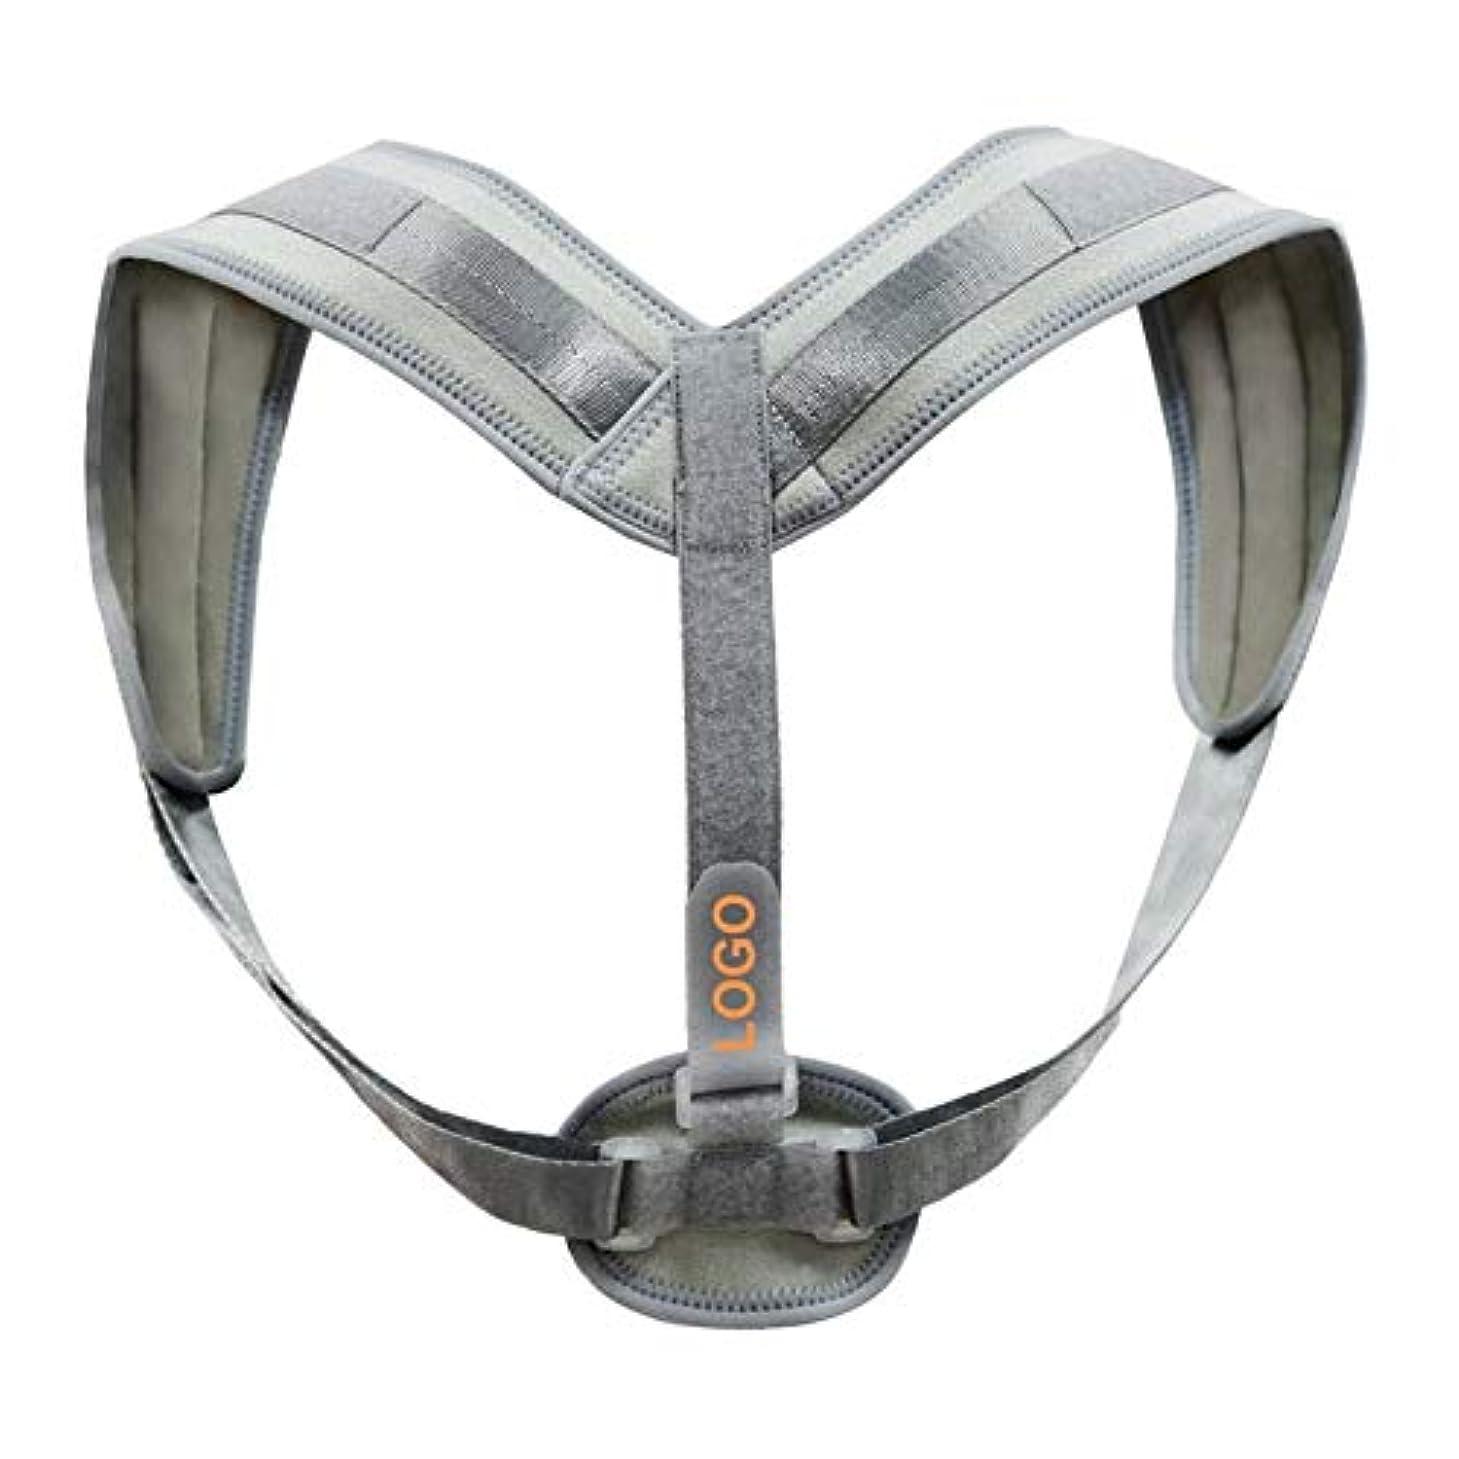 ばかげたグリットヘルメット姿勢矯正側弯症ザトウクジラ補正ベルト調節可能な快適さ目に見えない男性用女性成人学生グレー - グレー